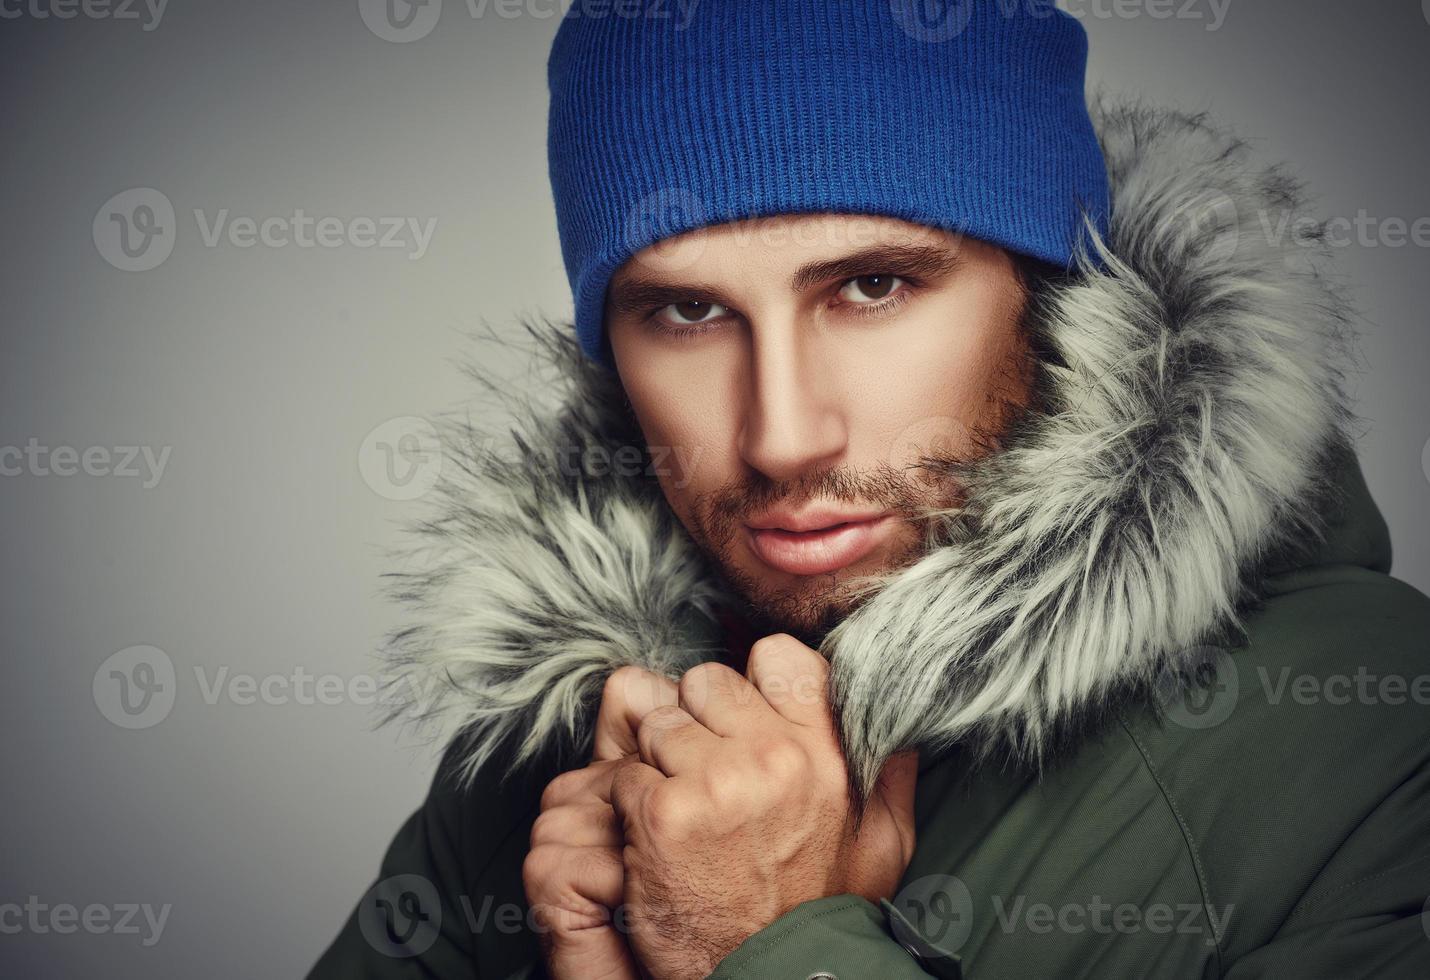 brutales Gesicht eines Mannes mit Bartborsten und Kapuzenwinter foto